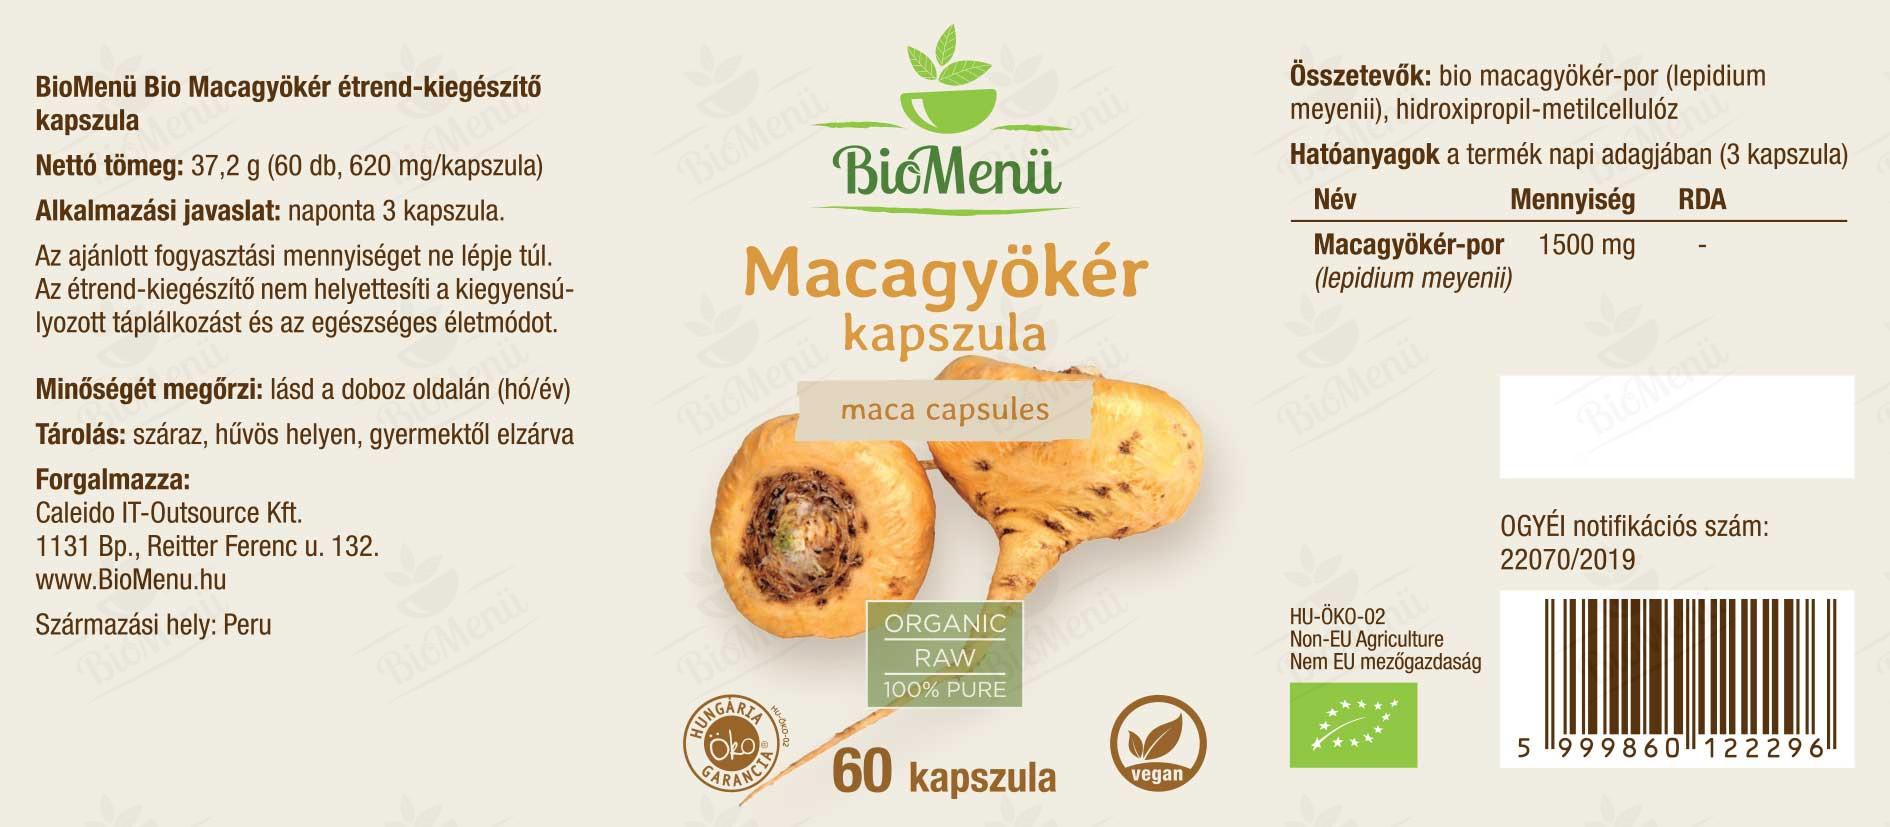 BioMenü BIO MACAGYÖKÉR kapszula címke